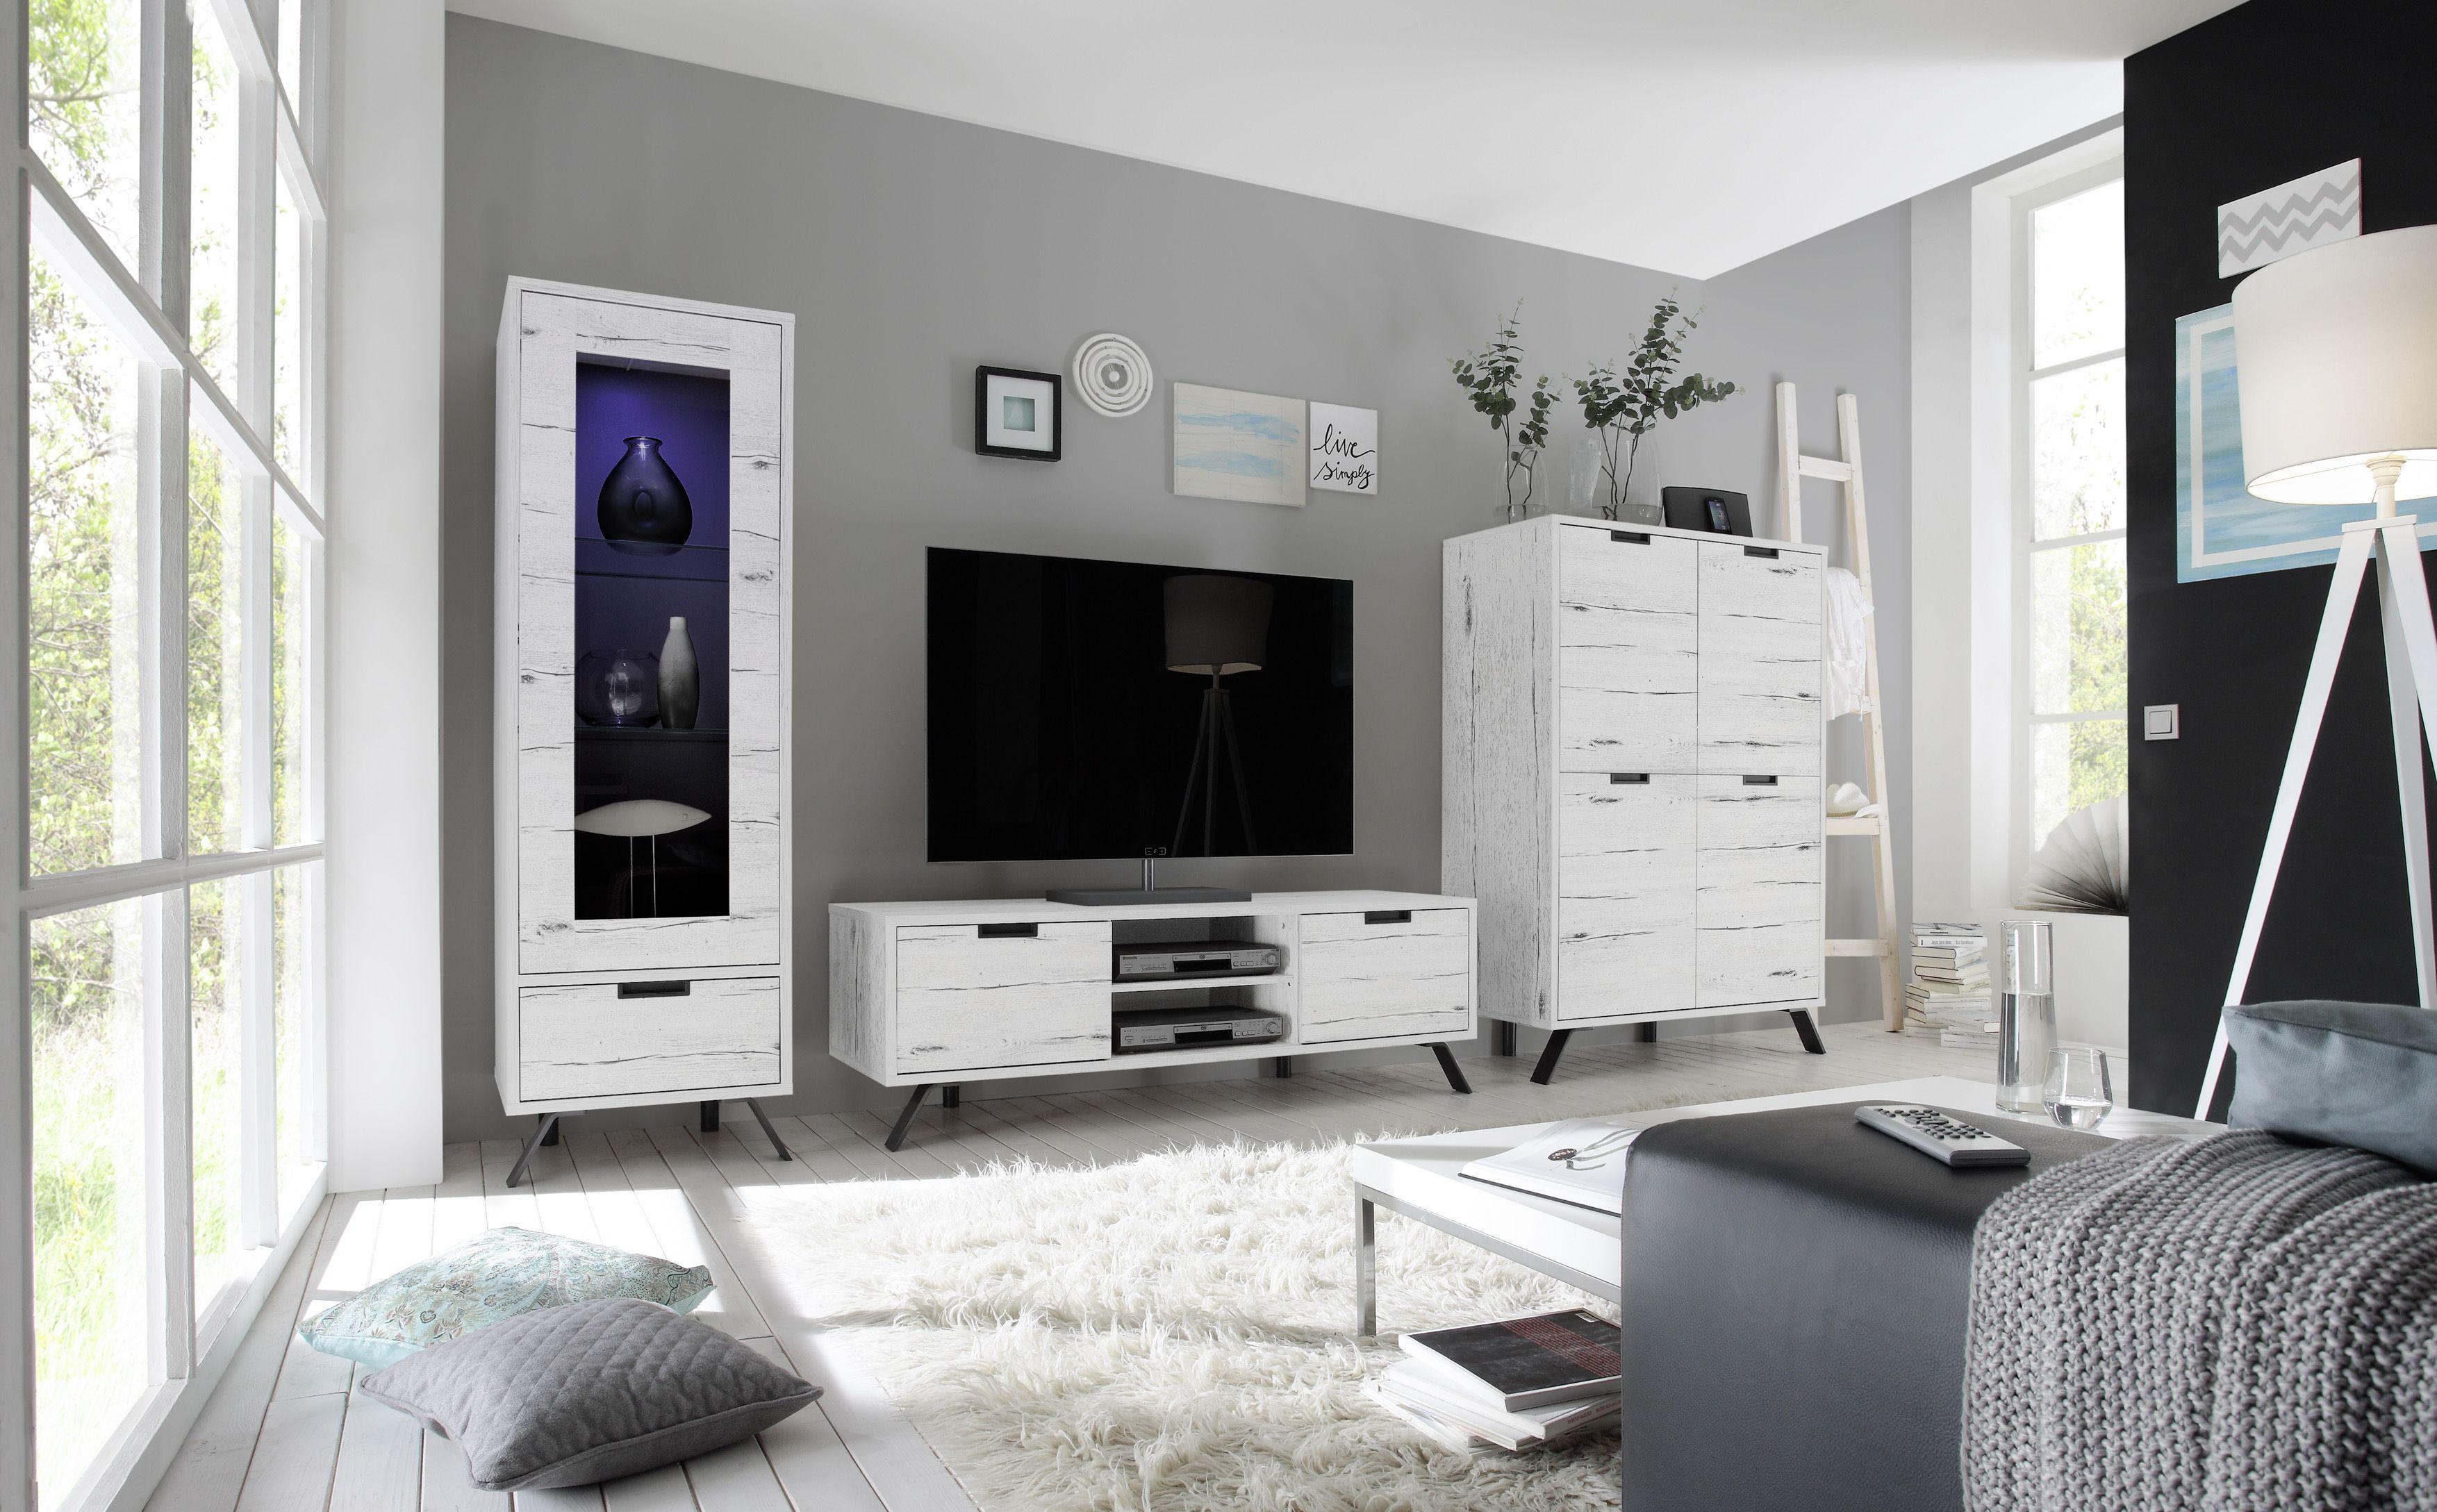 Wohnwand Wohnzimmer ~ Wohnwand weisseiche nachbildung woody holz modern jetzt